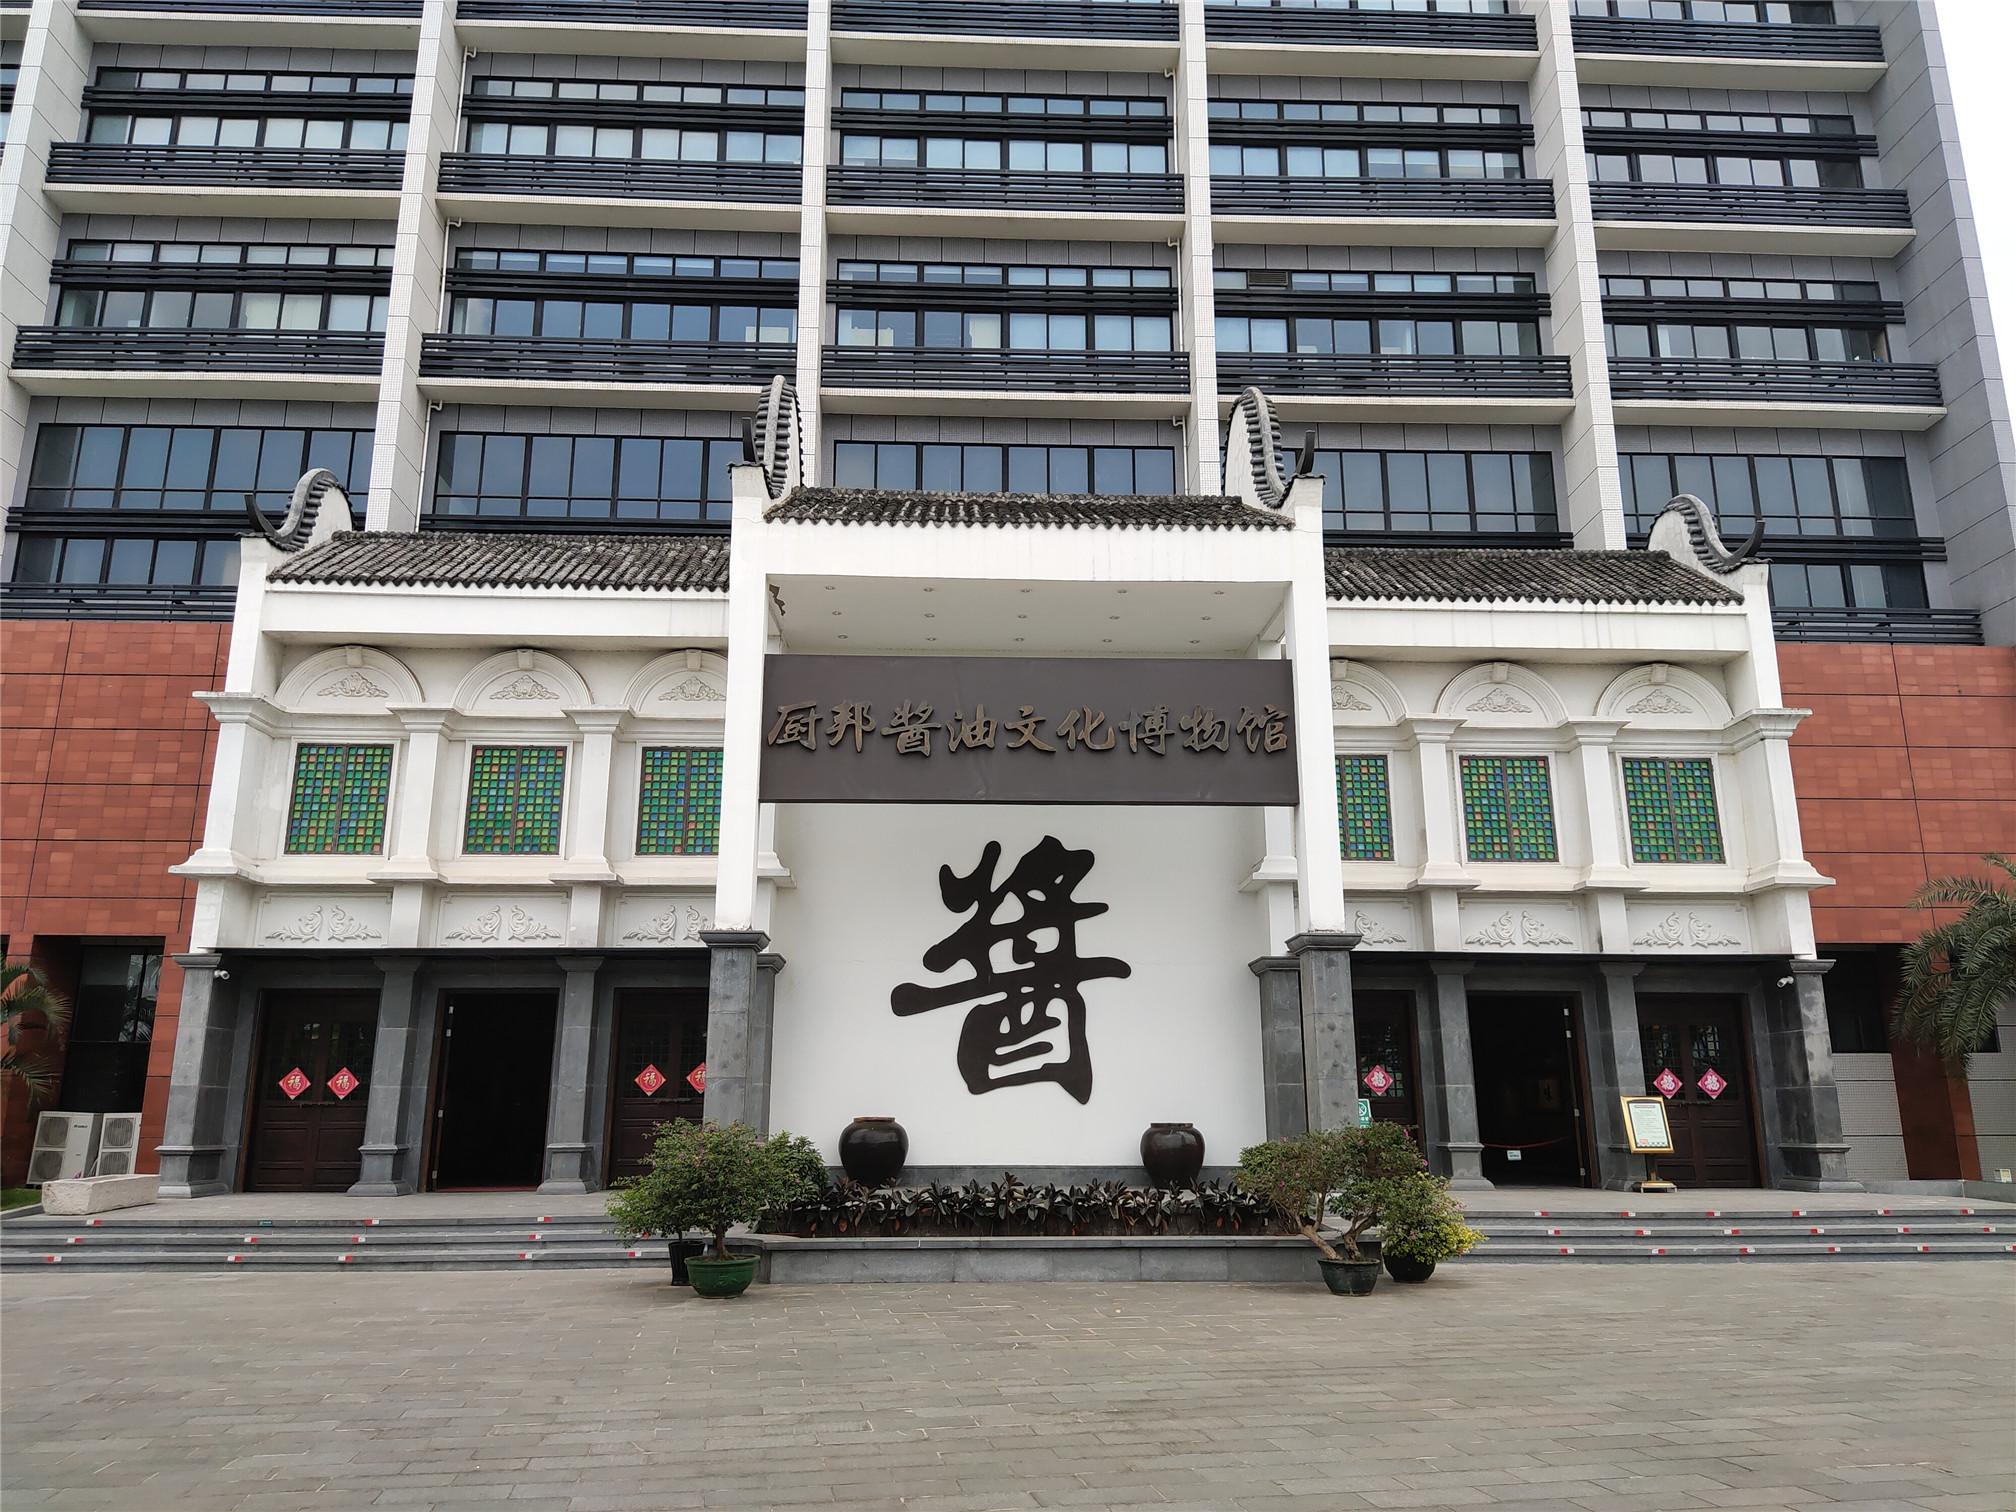 参观中山厨邦酱油文化博物馆